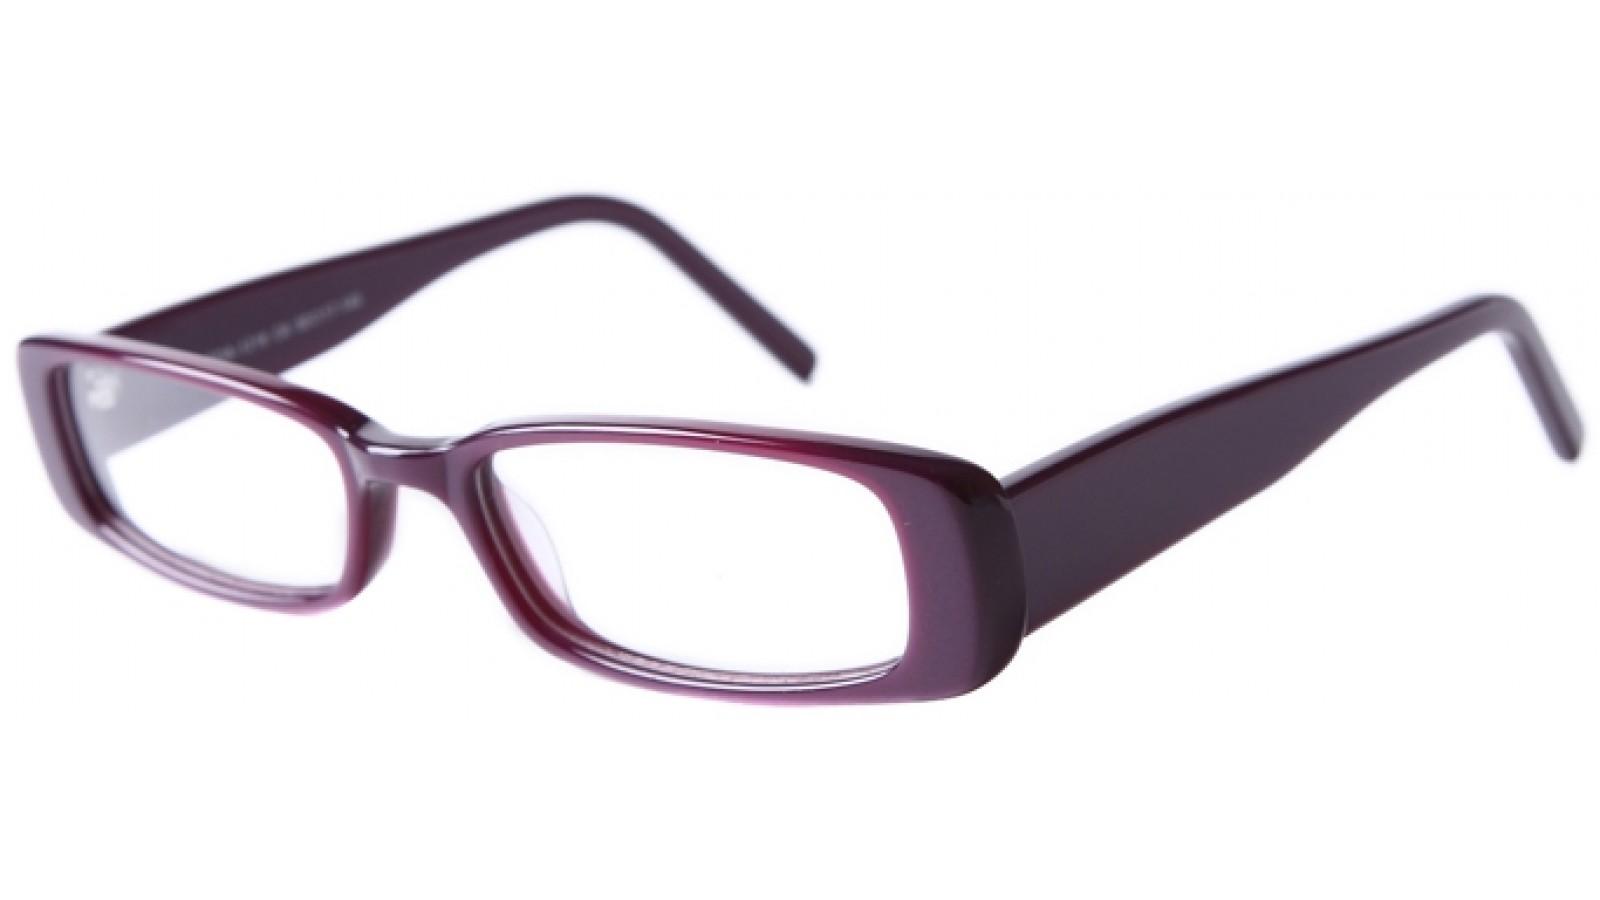 Bunte Brillen bei my-Spexx schon ab 34,90€ inkl. Sehstärke und Versand